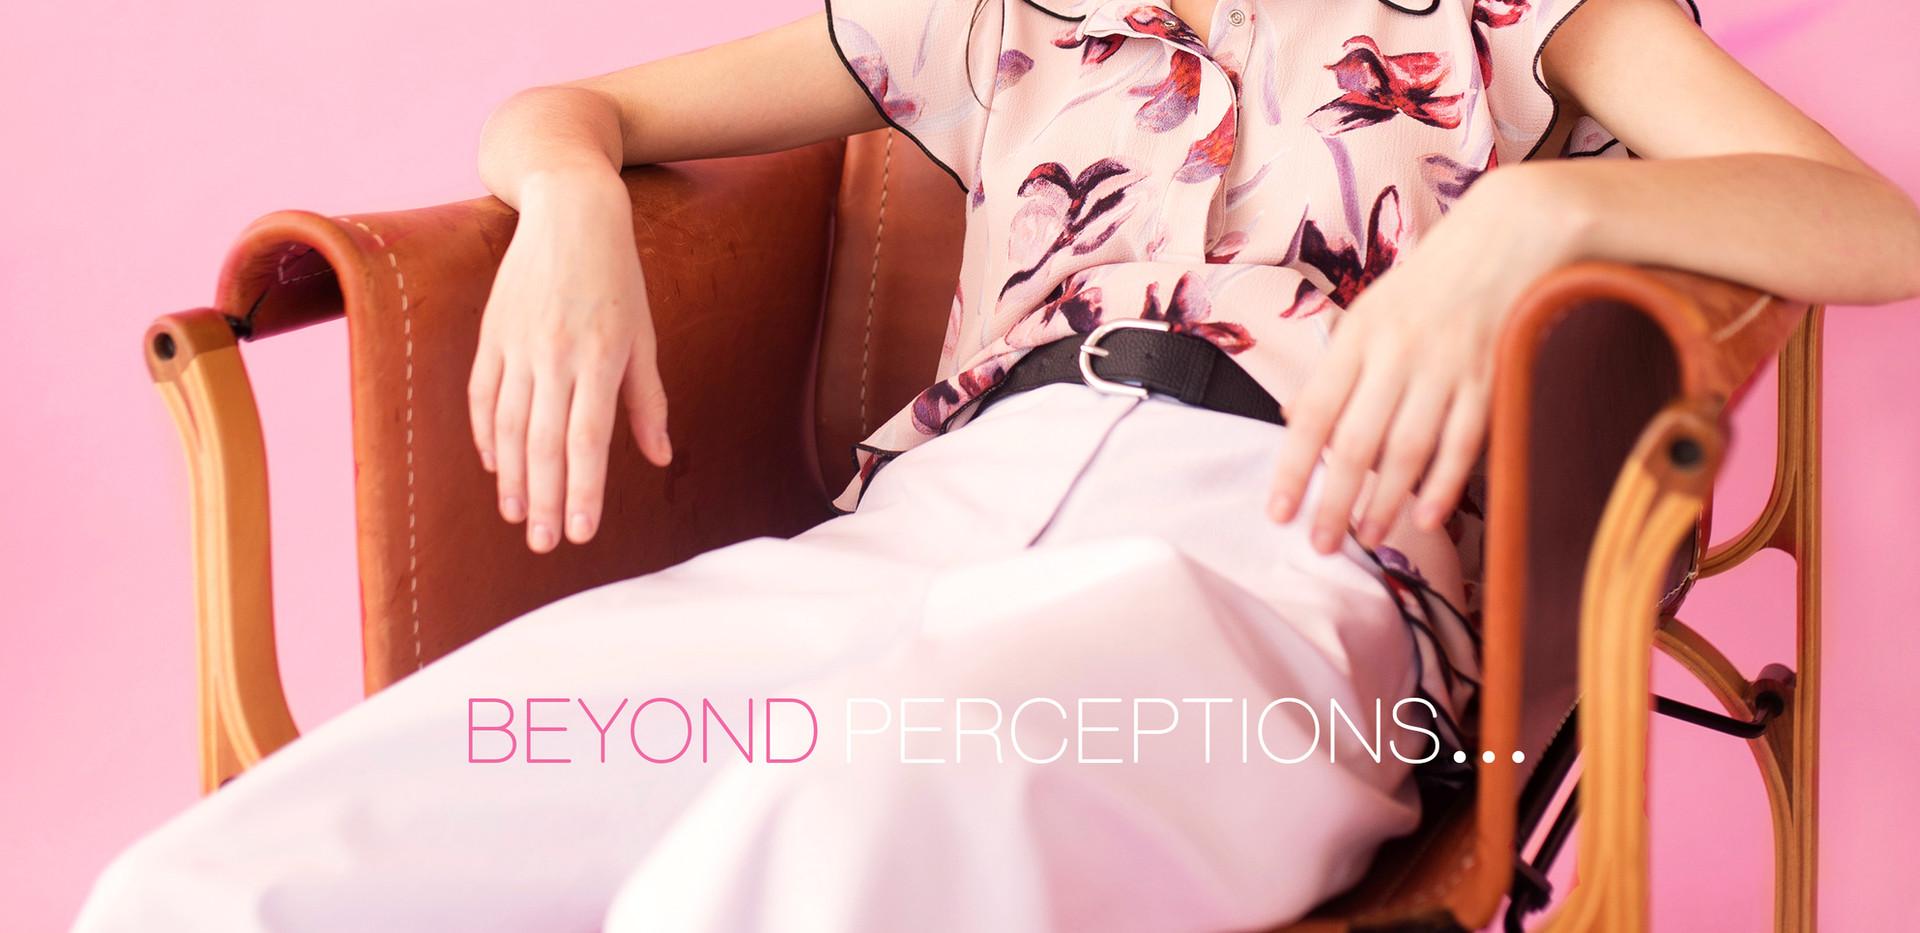 #BeyoundPerceptions